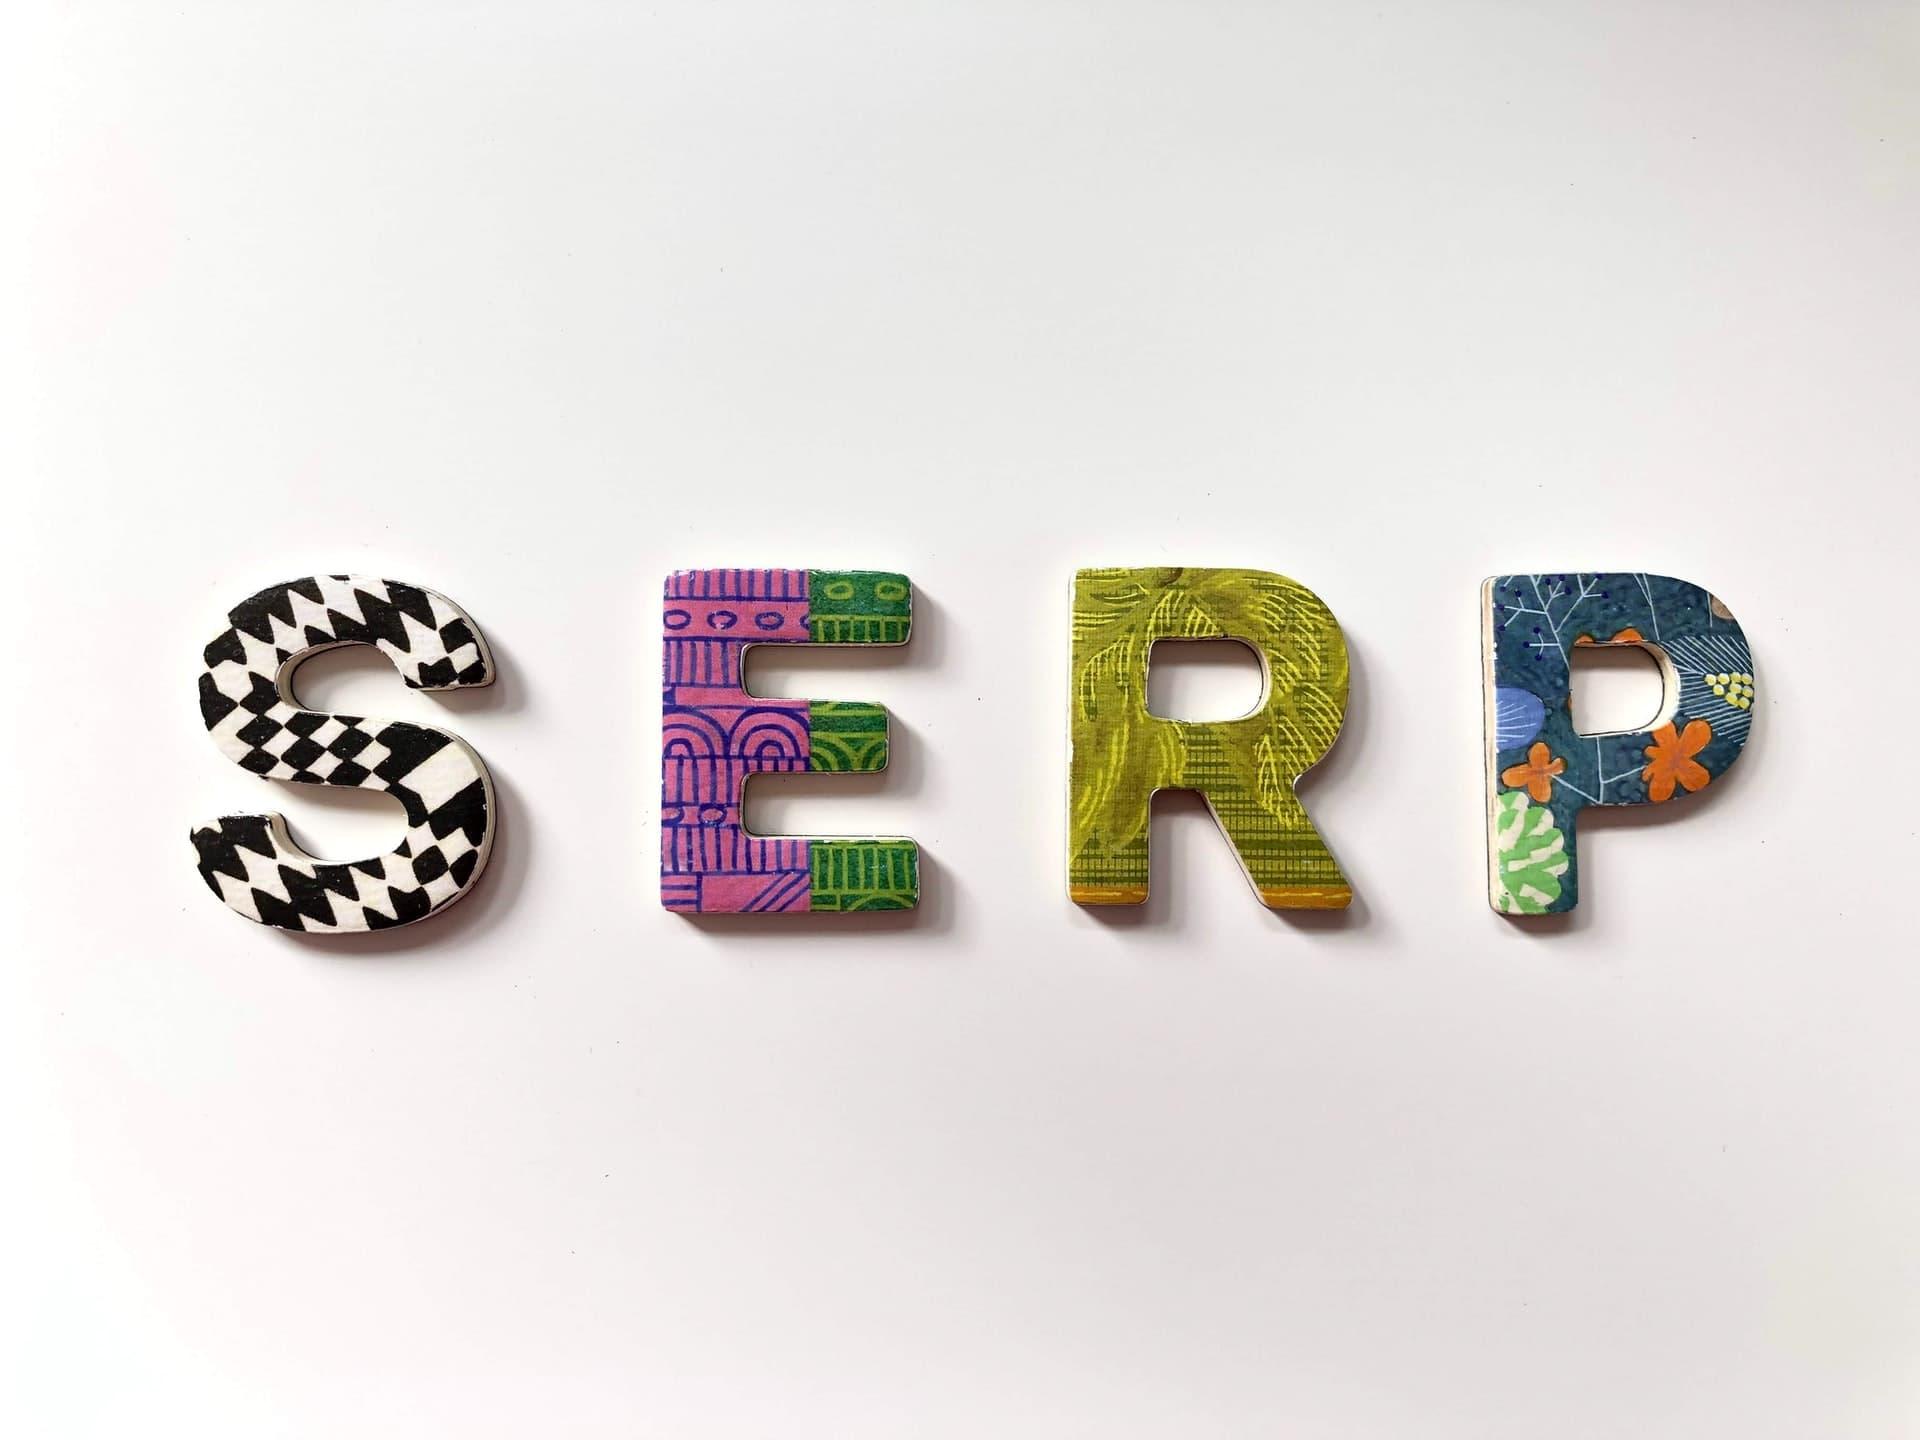 Che cos'è una SERP?